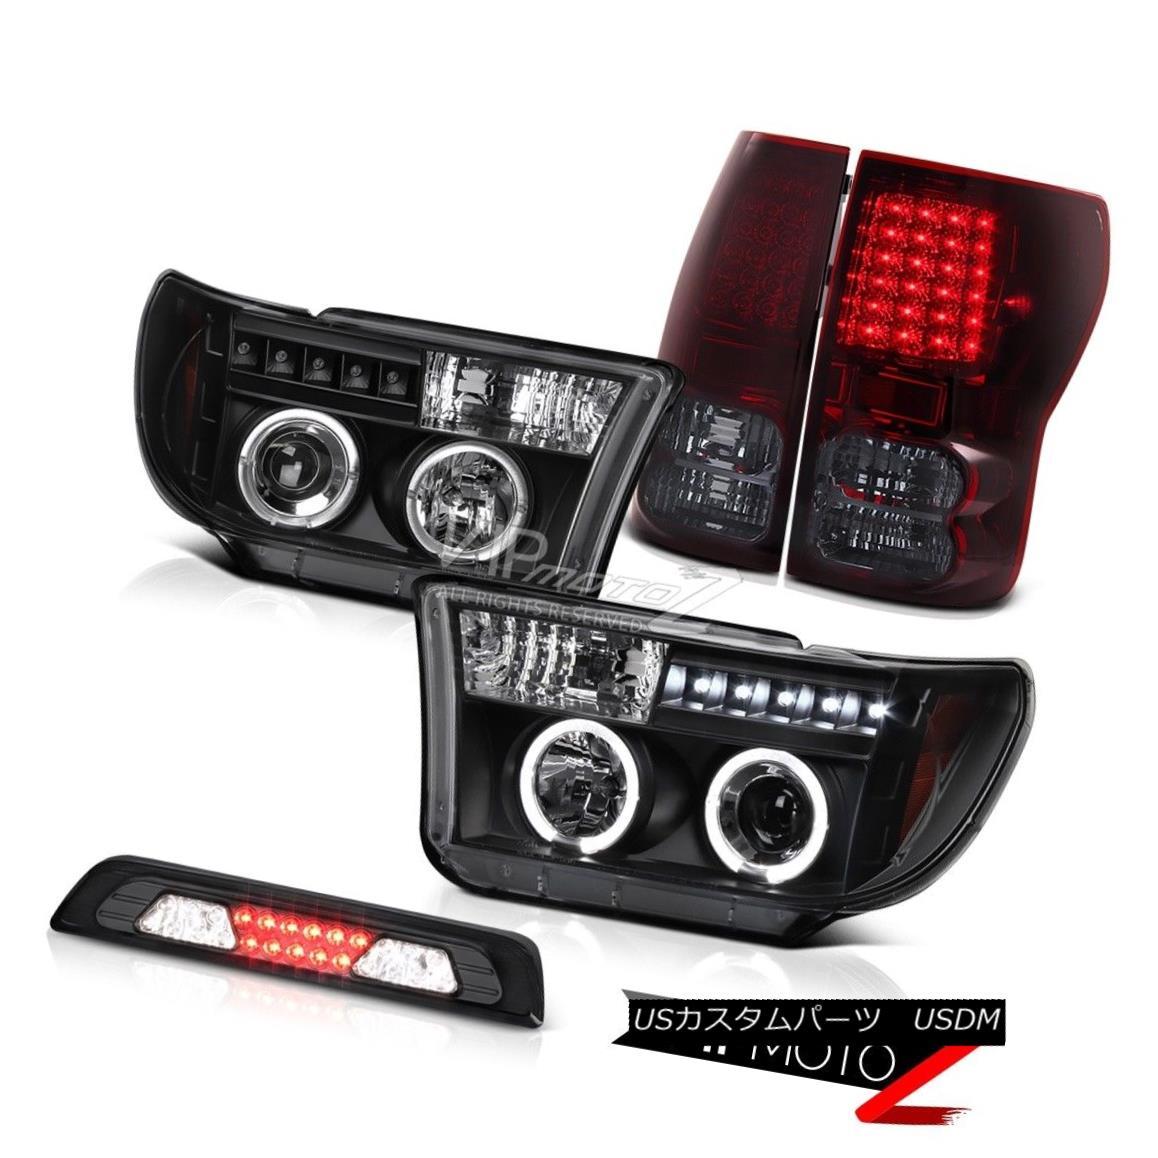 テールライト 07-13 Toyota Tundra SR5 Roof Cab Lamp Tail Lamps Raven Black Headlamps LED SMD 07-13トヨタトンドラSR5ルーフキャブランプテールランプレーブブラックヘッドランプLED SMD